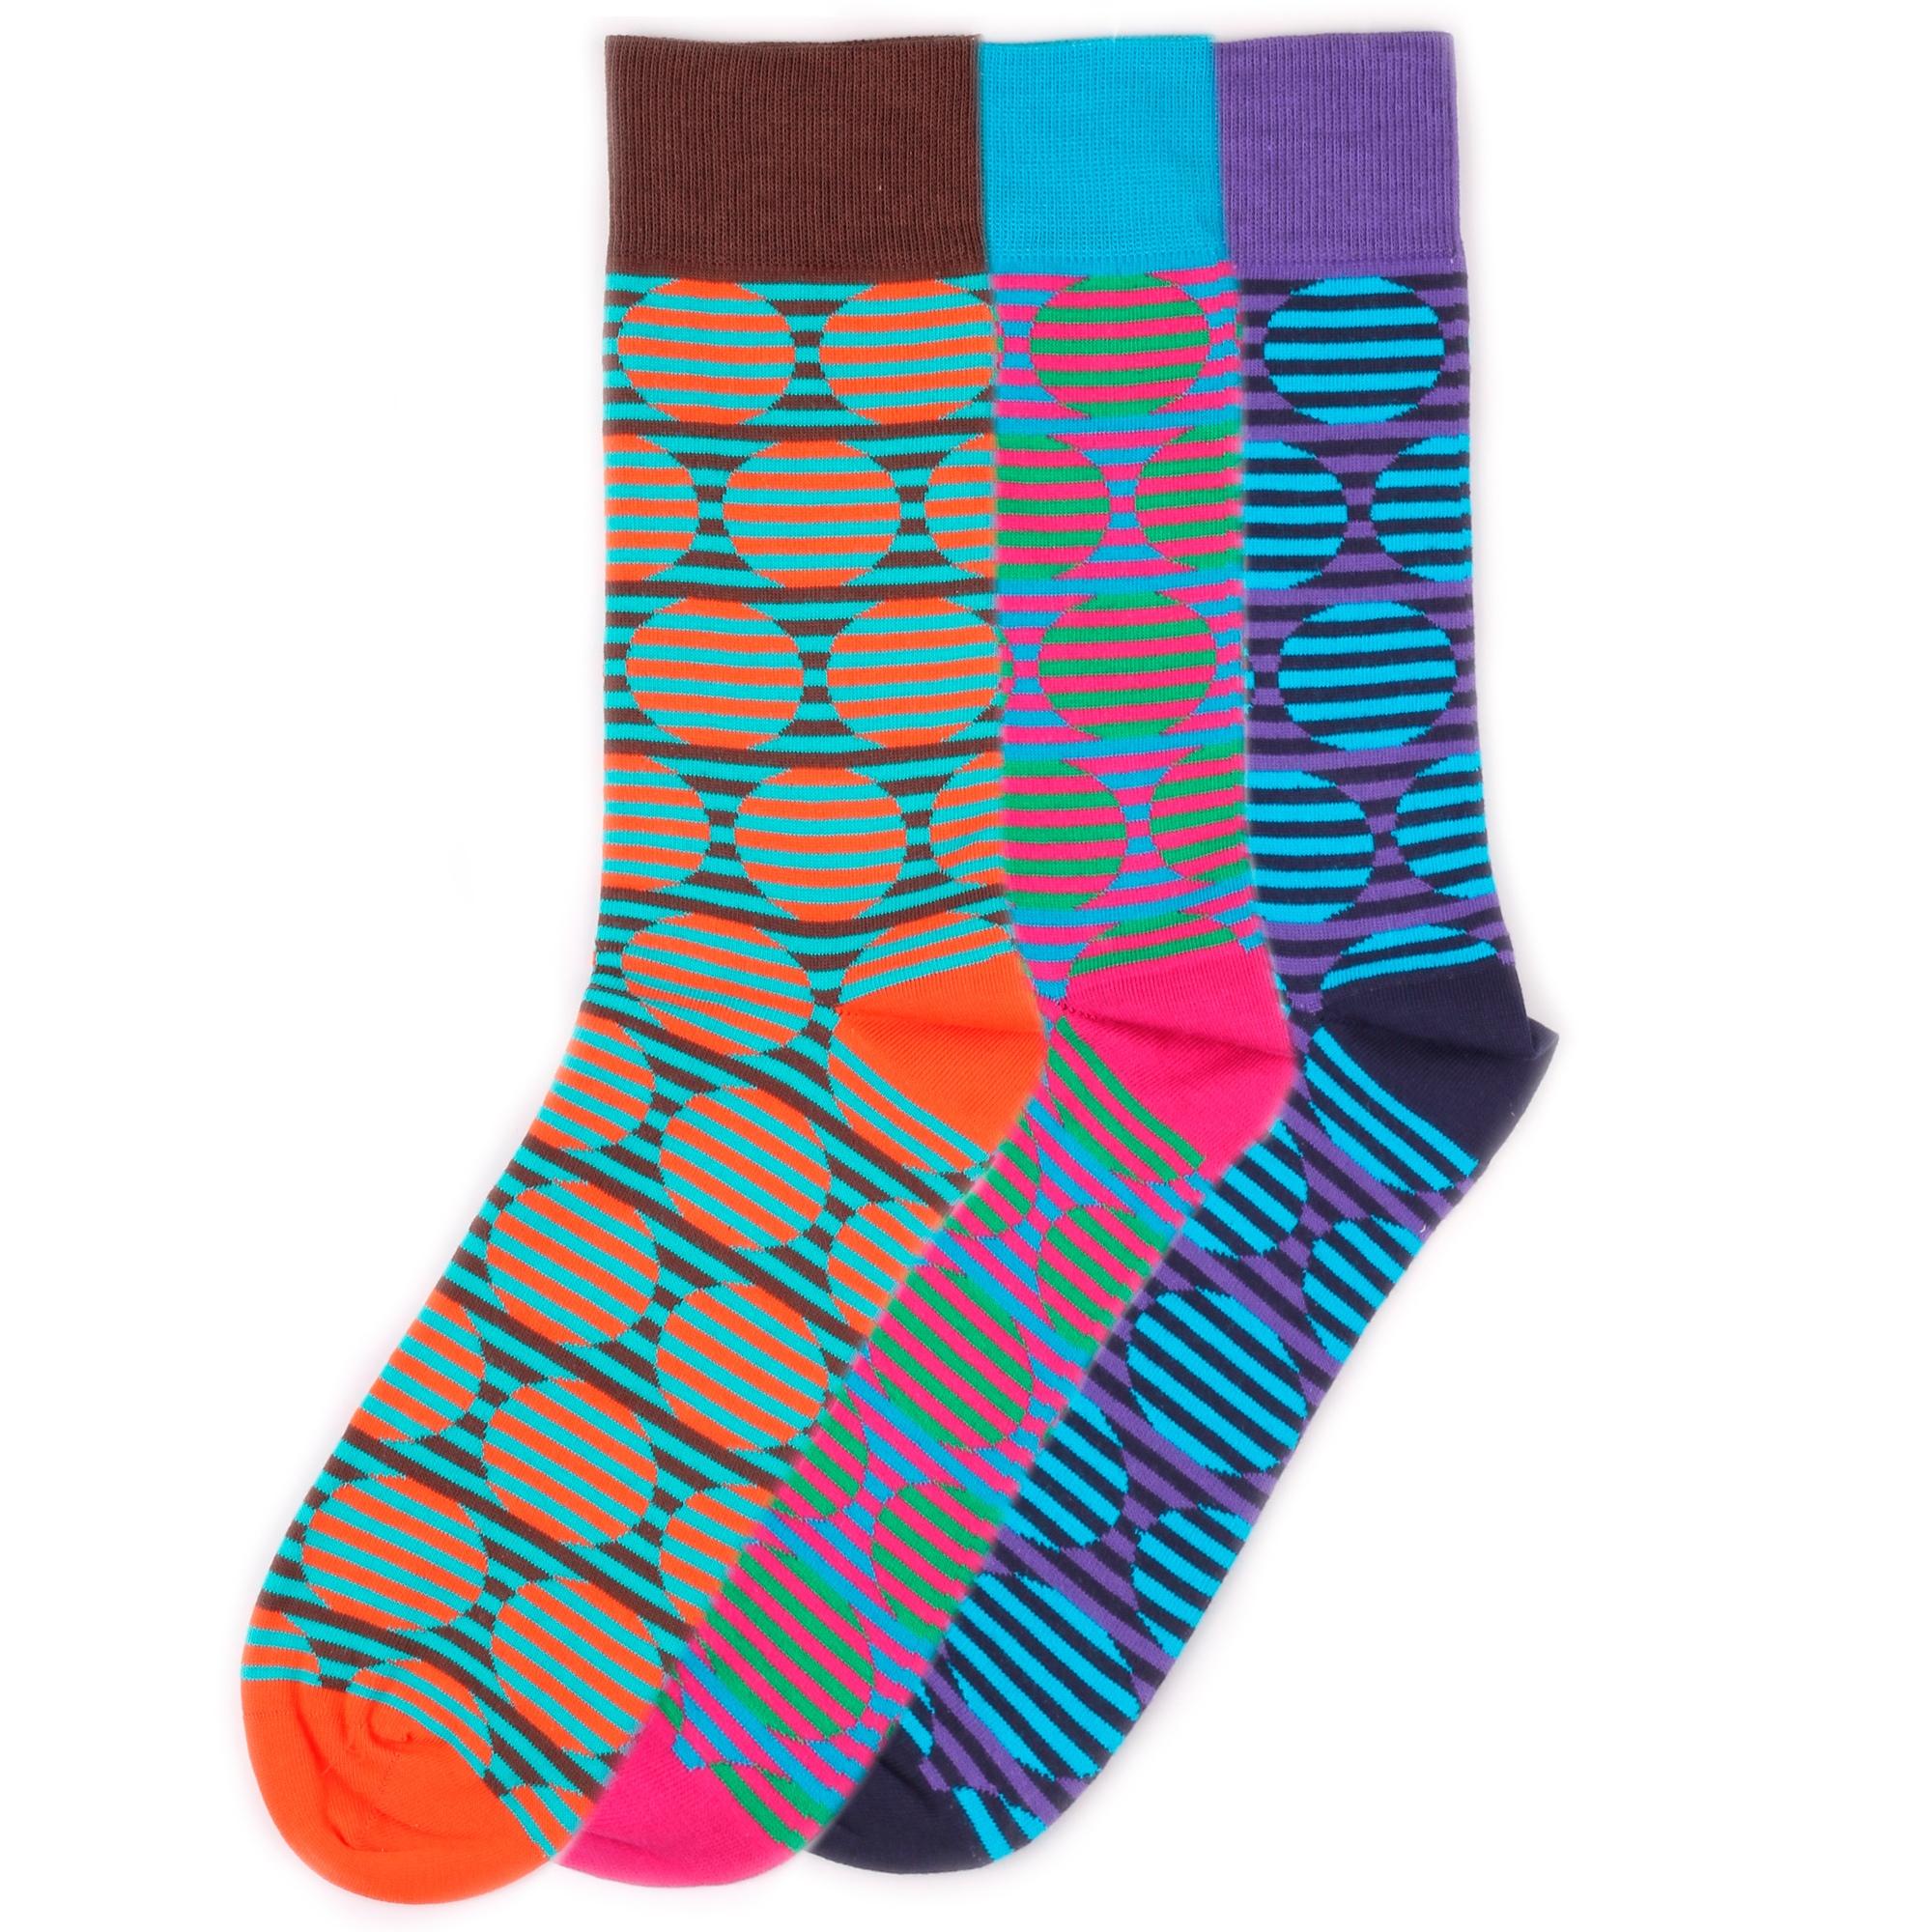 Набор носков Burning heels Circles разноцветный 36-38